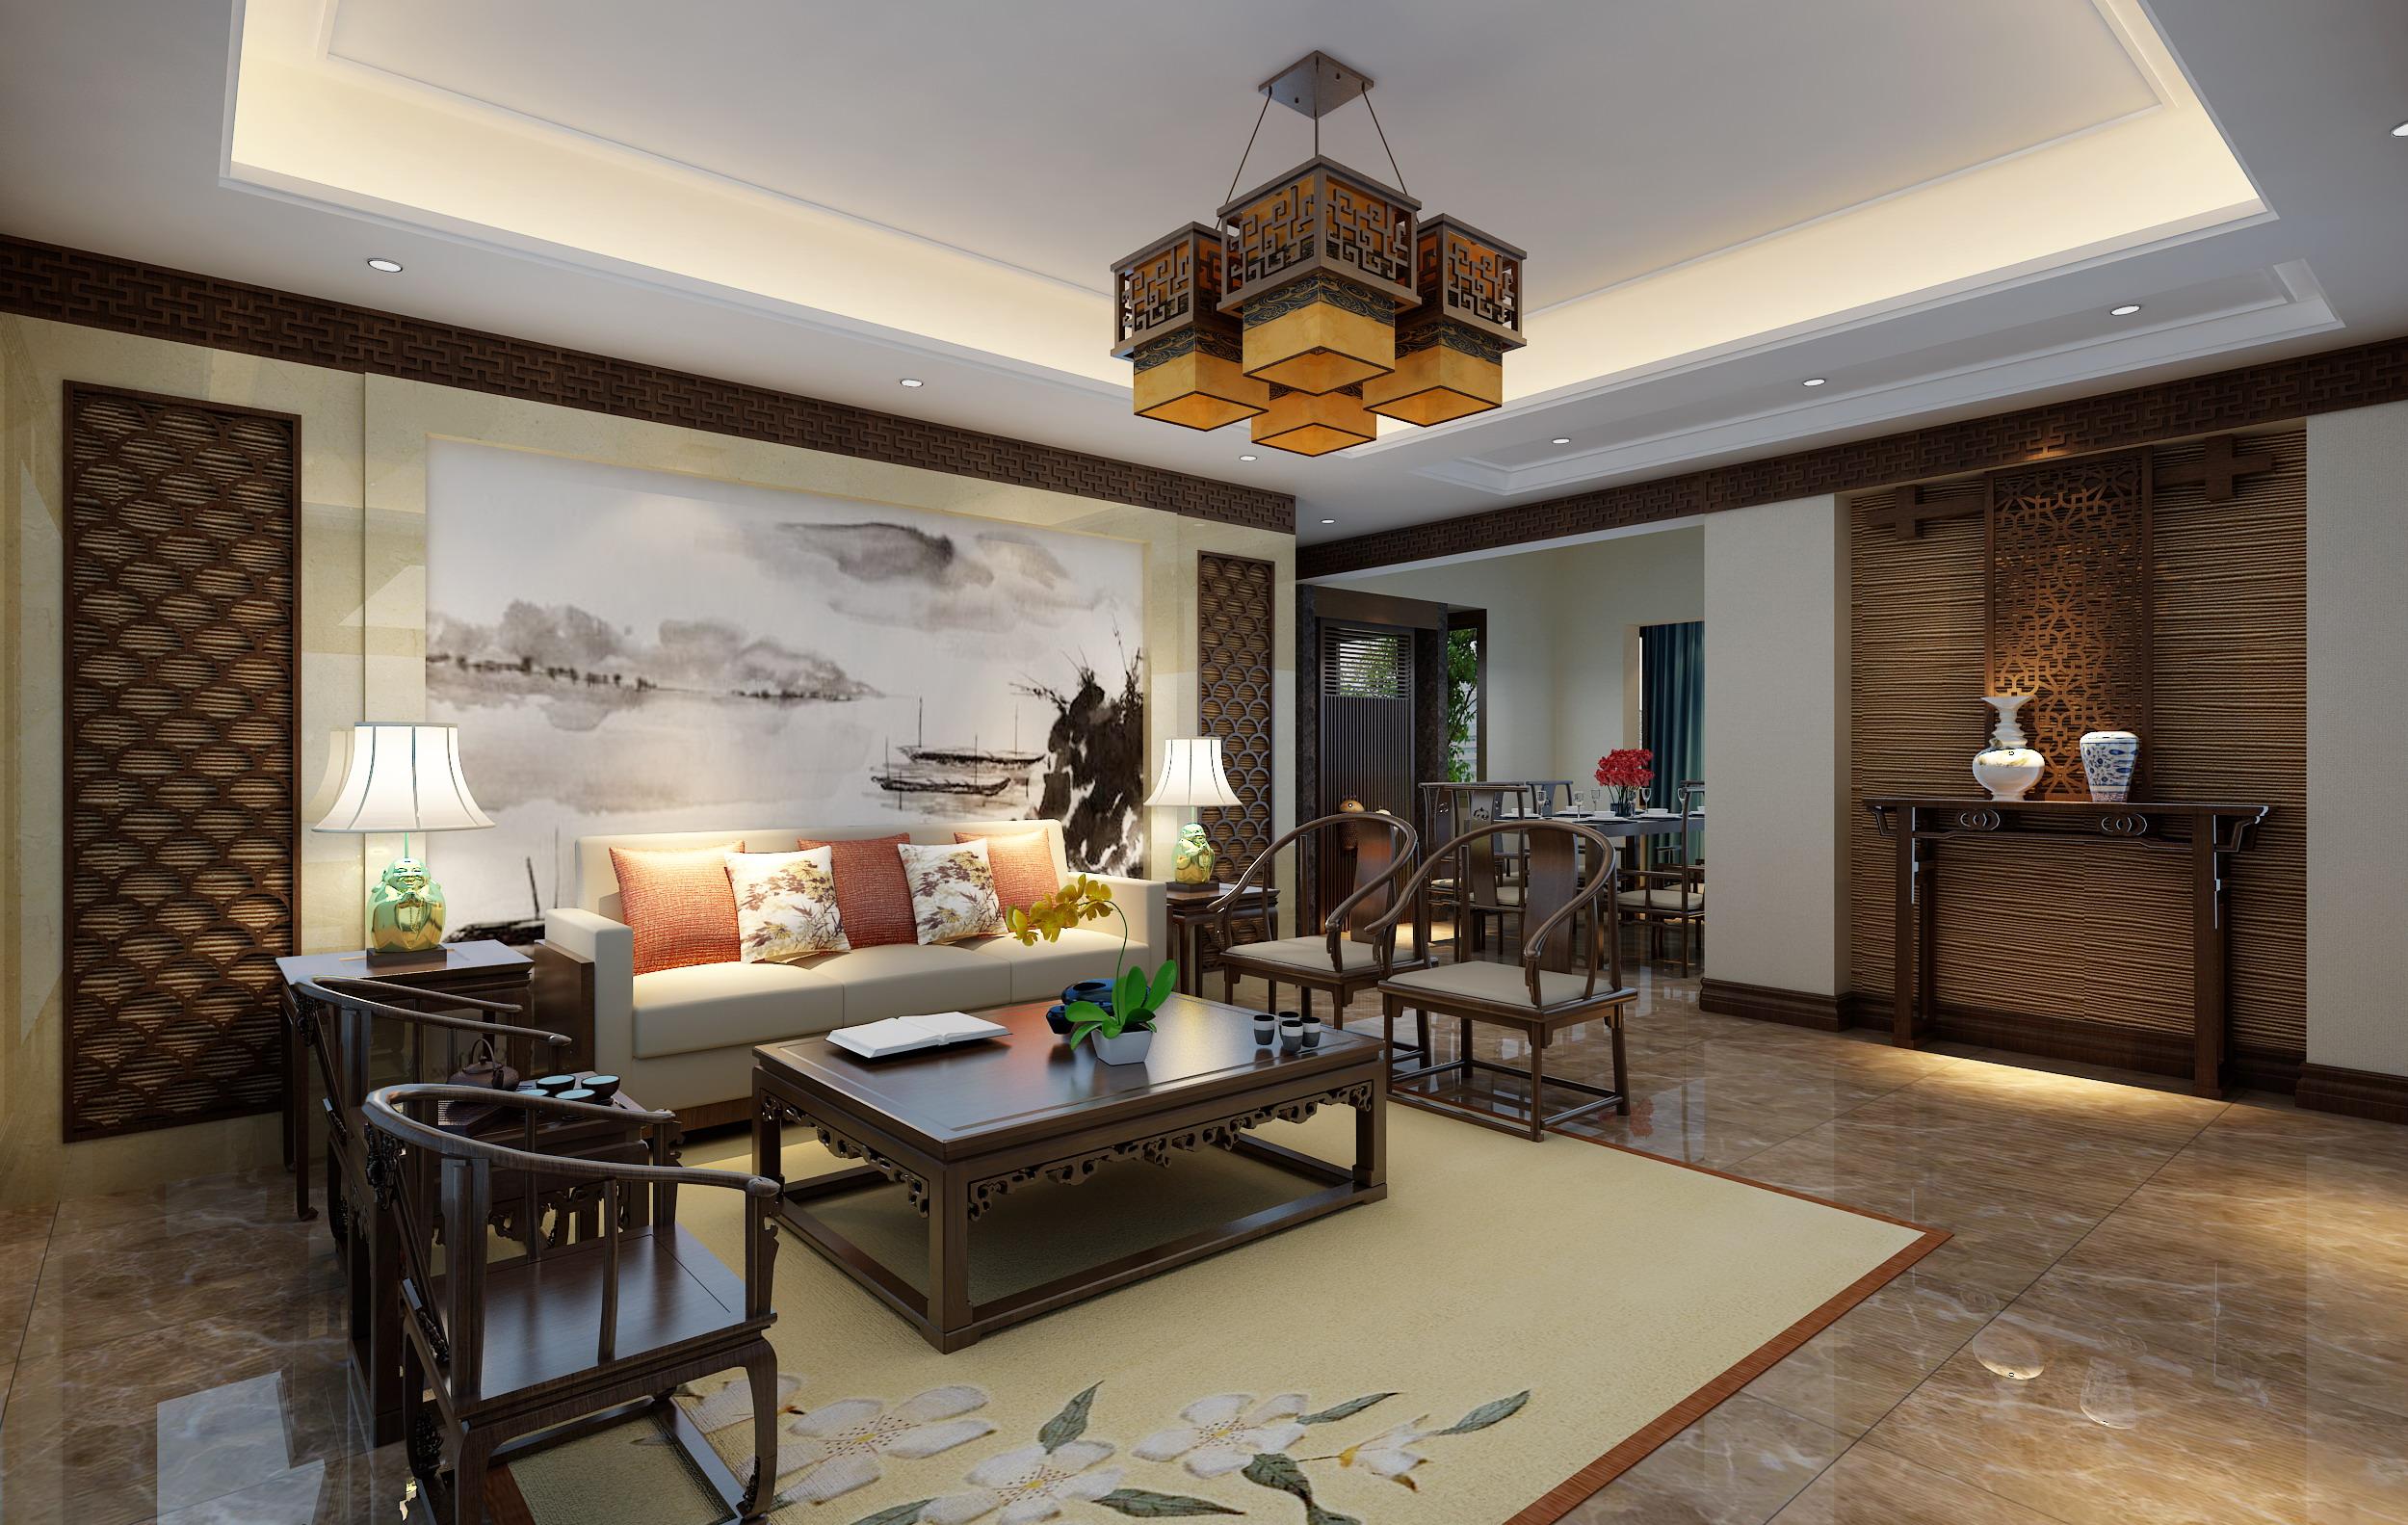 中式 成都装修 中式风格 成都装修公 跃层装修 复式装修 客厅图片来自四川百合居装饰集团在中式风格的分享